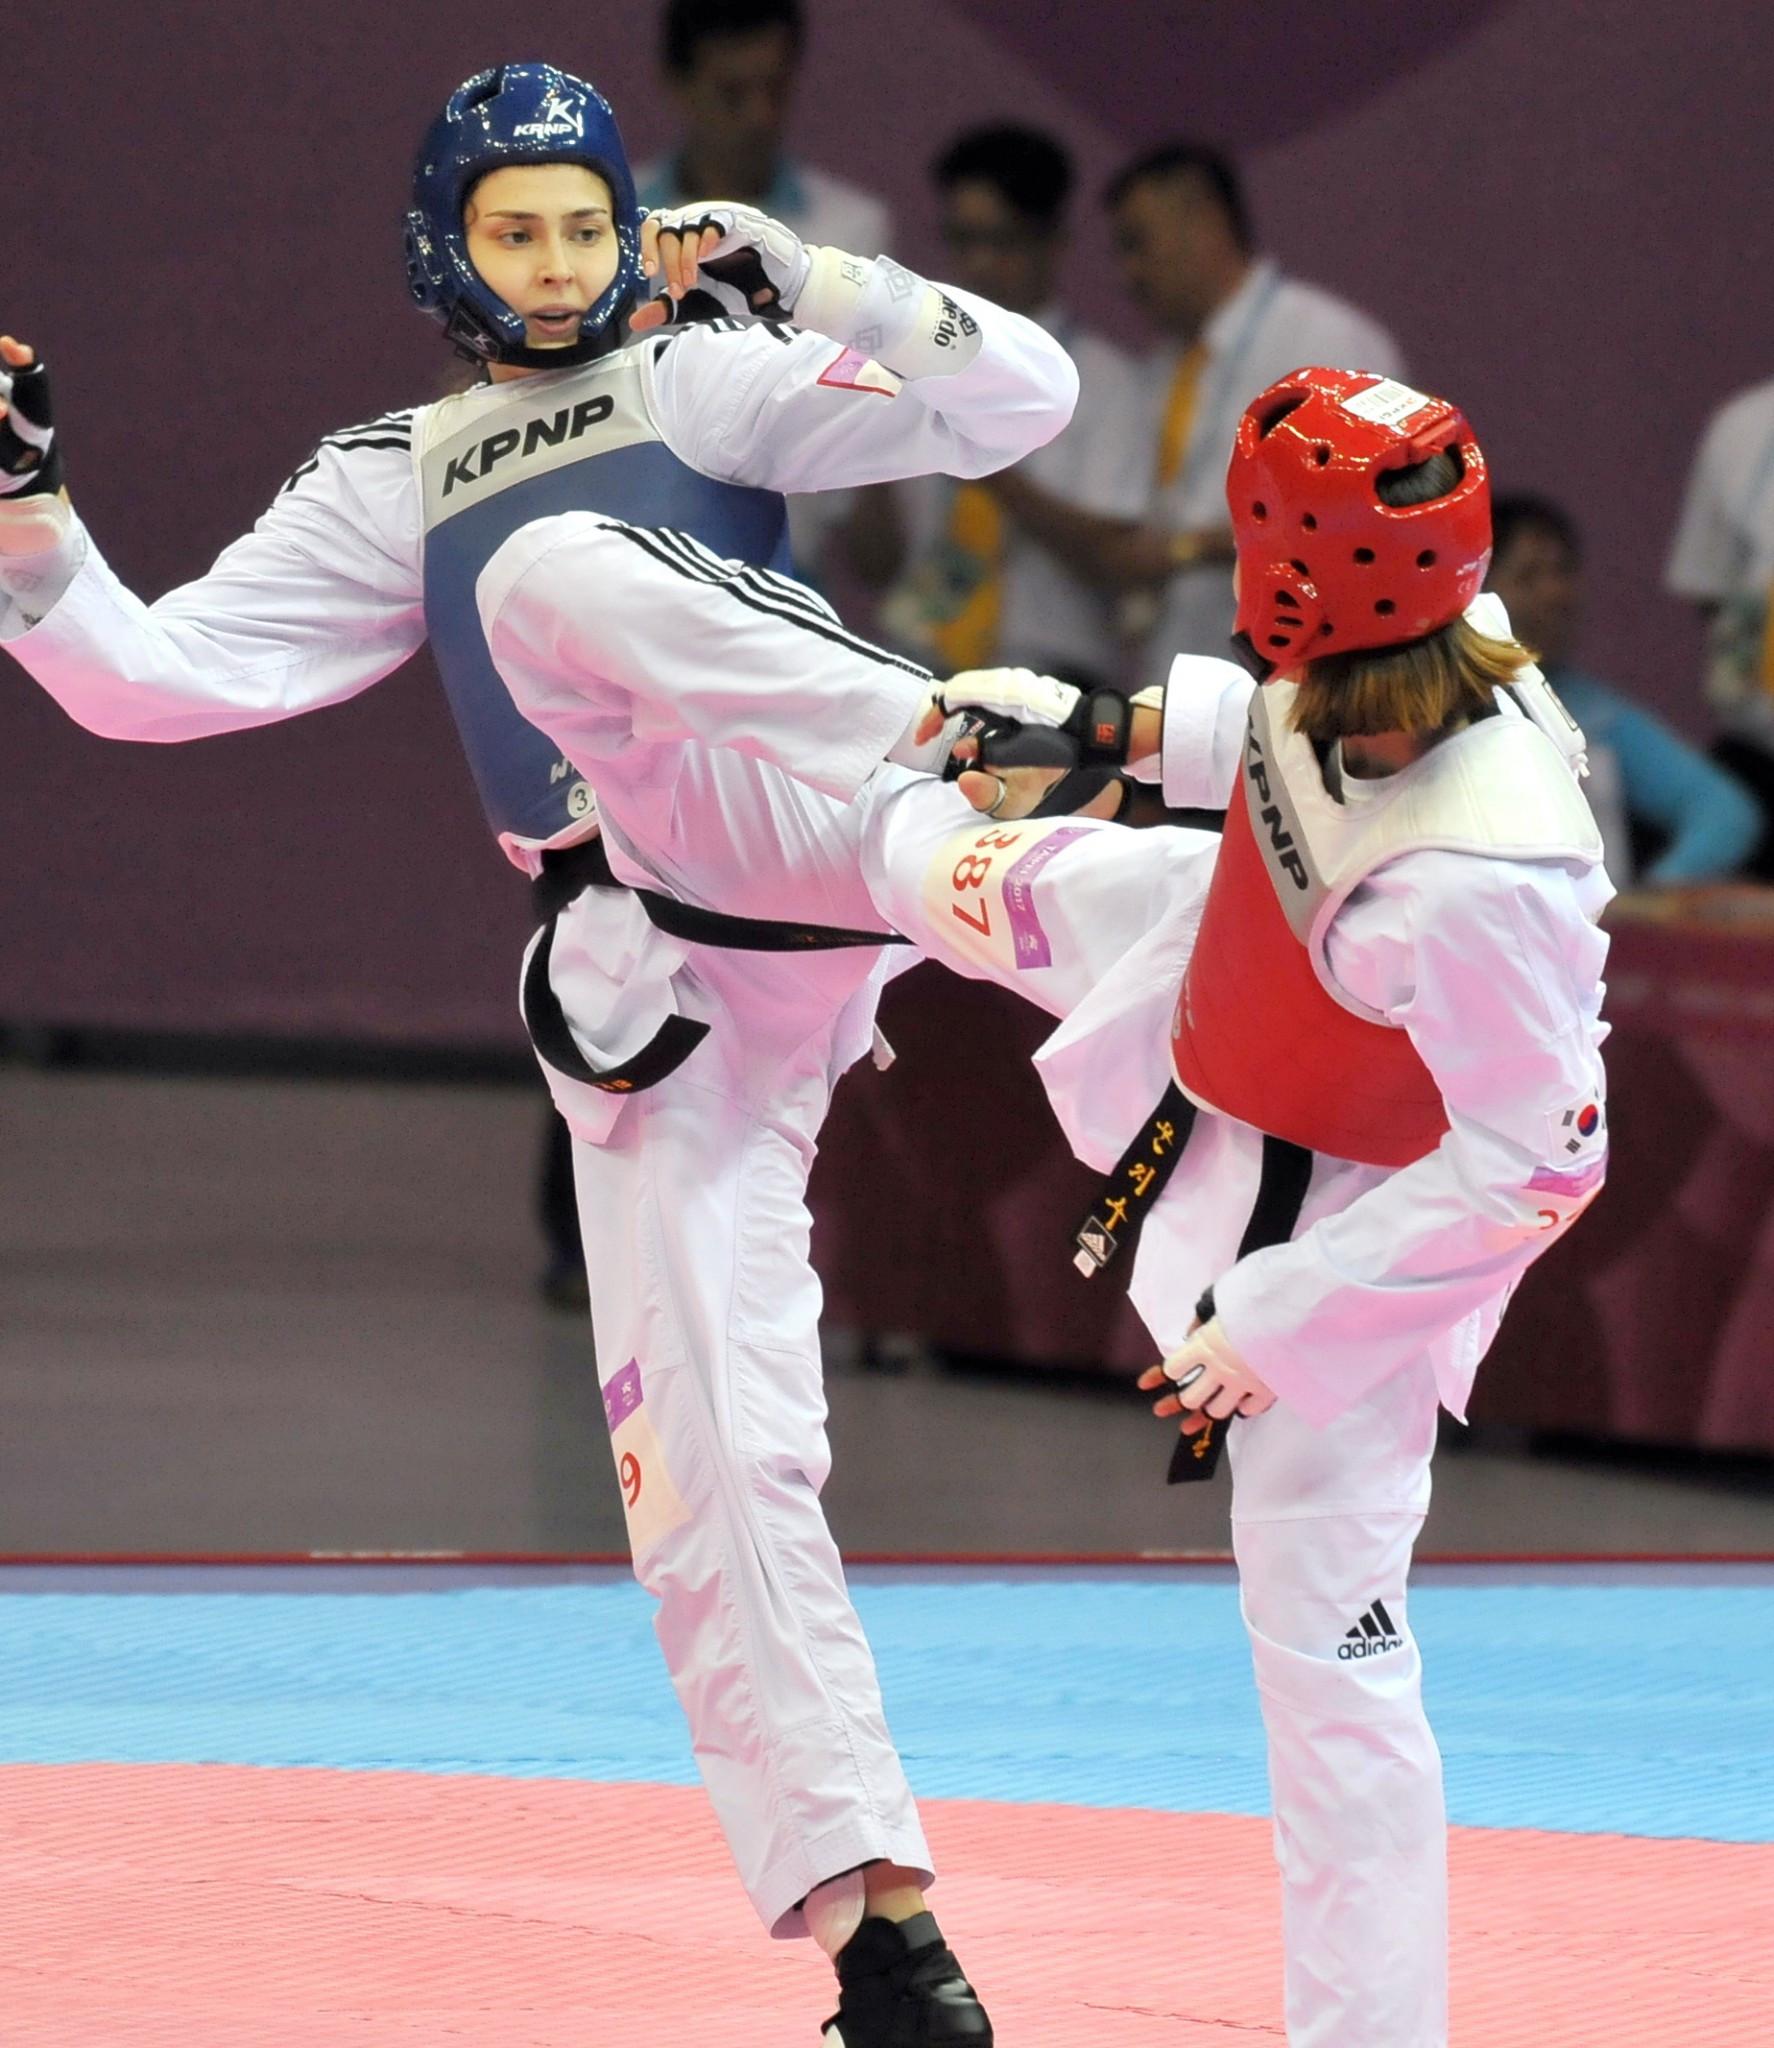 Turkey's Irem Yaman, left, won the women's under-62kg title ©Taipei 2017